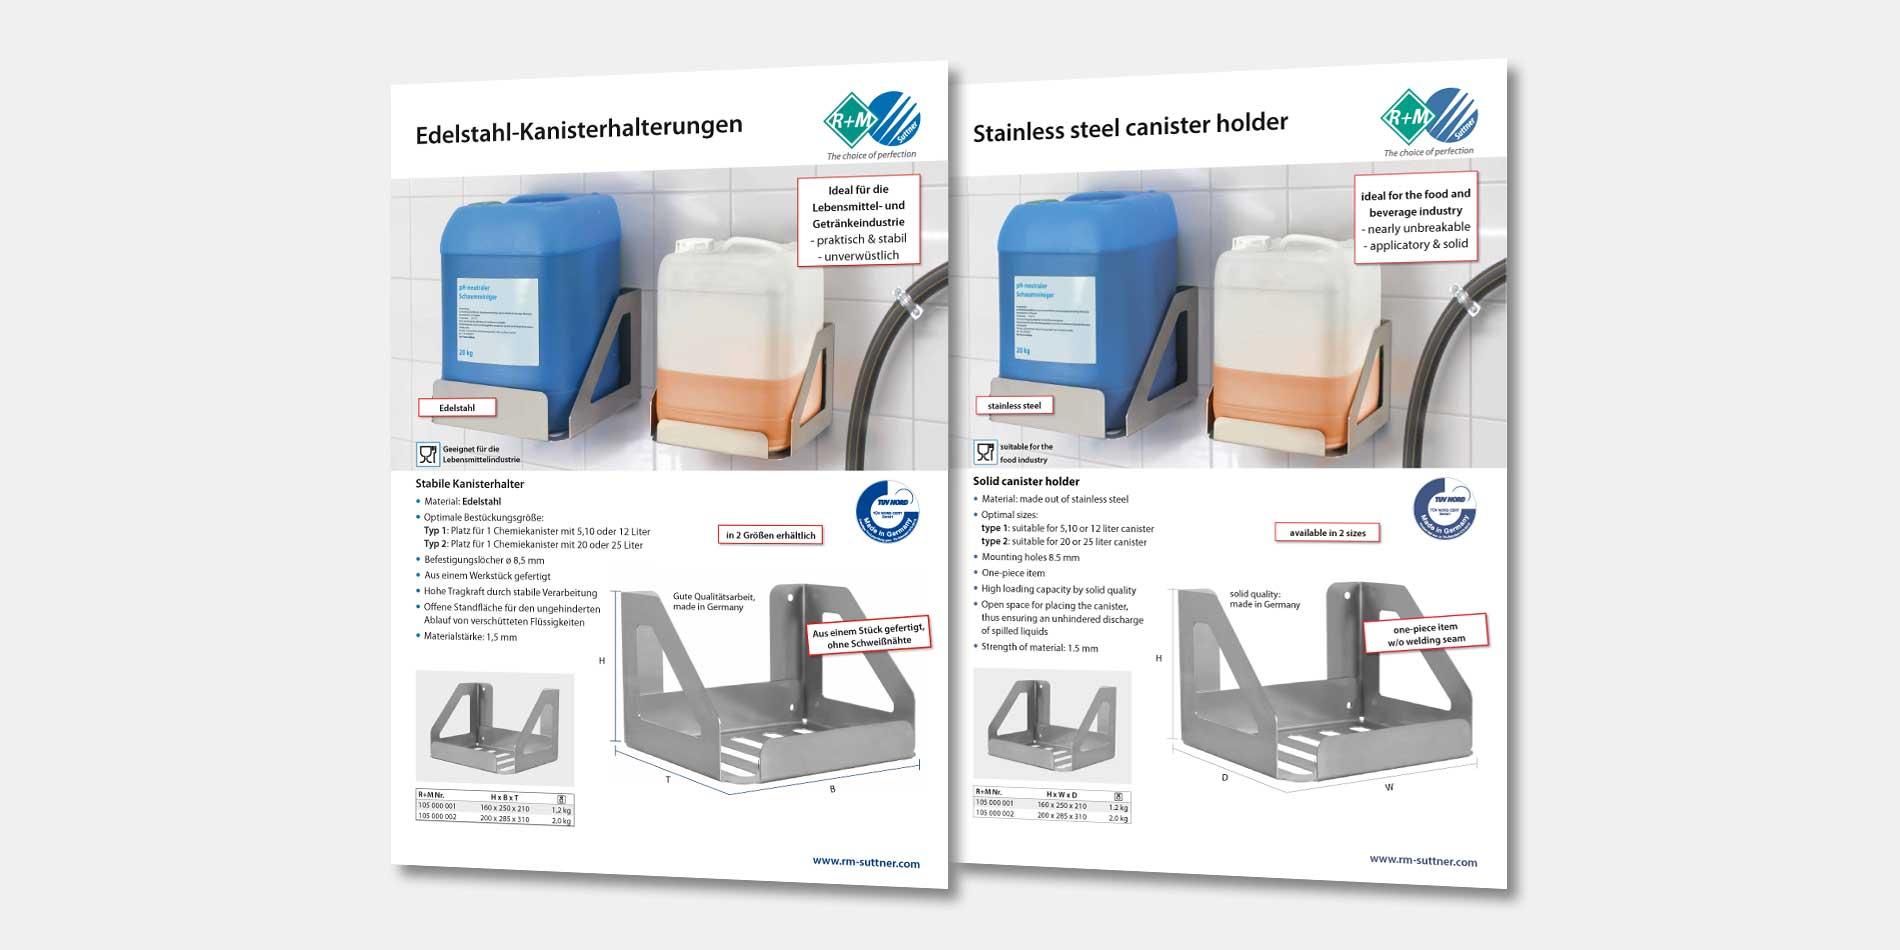 Edelstahl-Kanisterhalterungen von R+M / Suttner erhöhen die Sicherheit am Arbeitsplatz